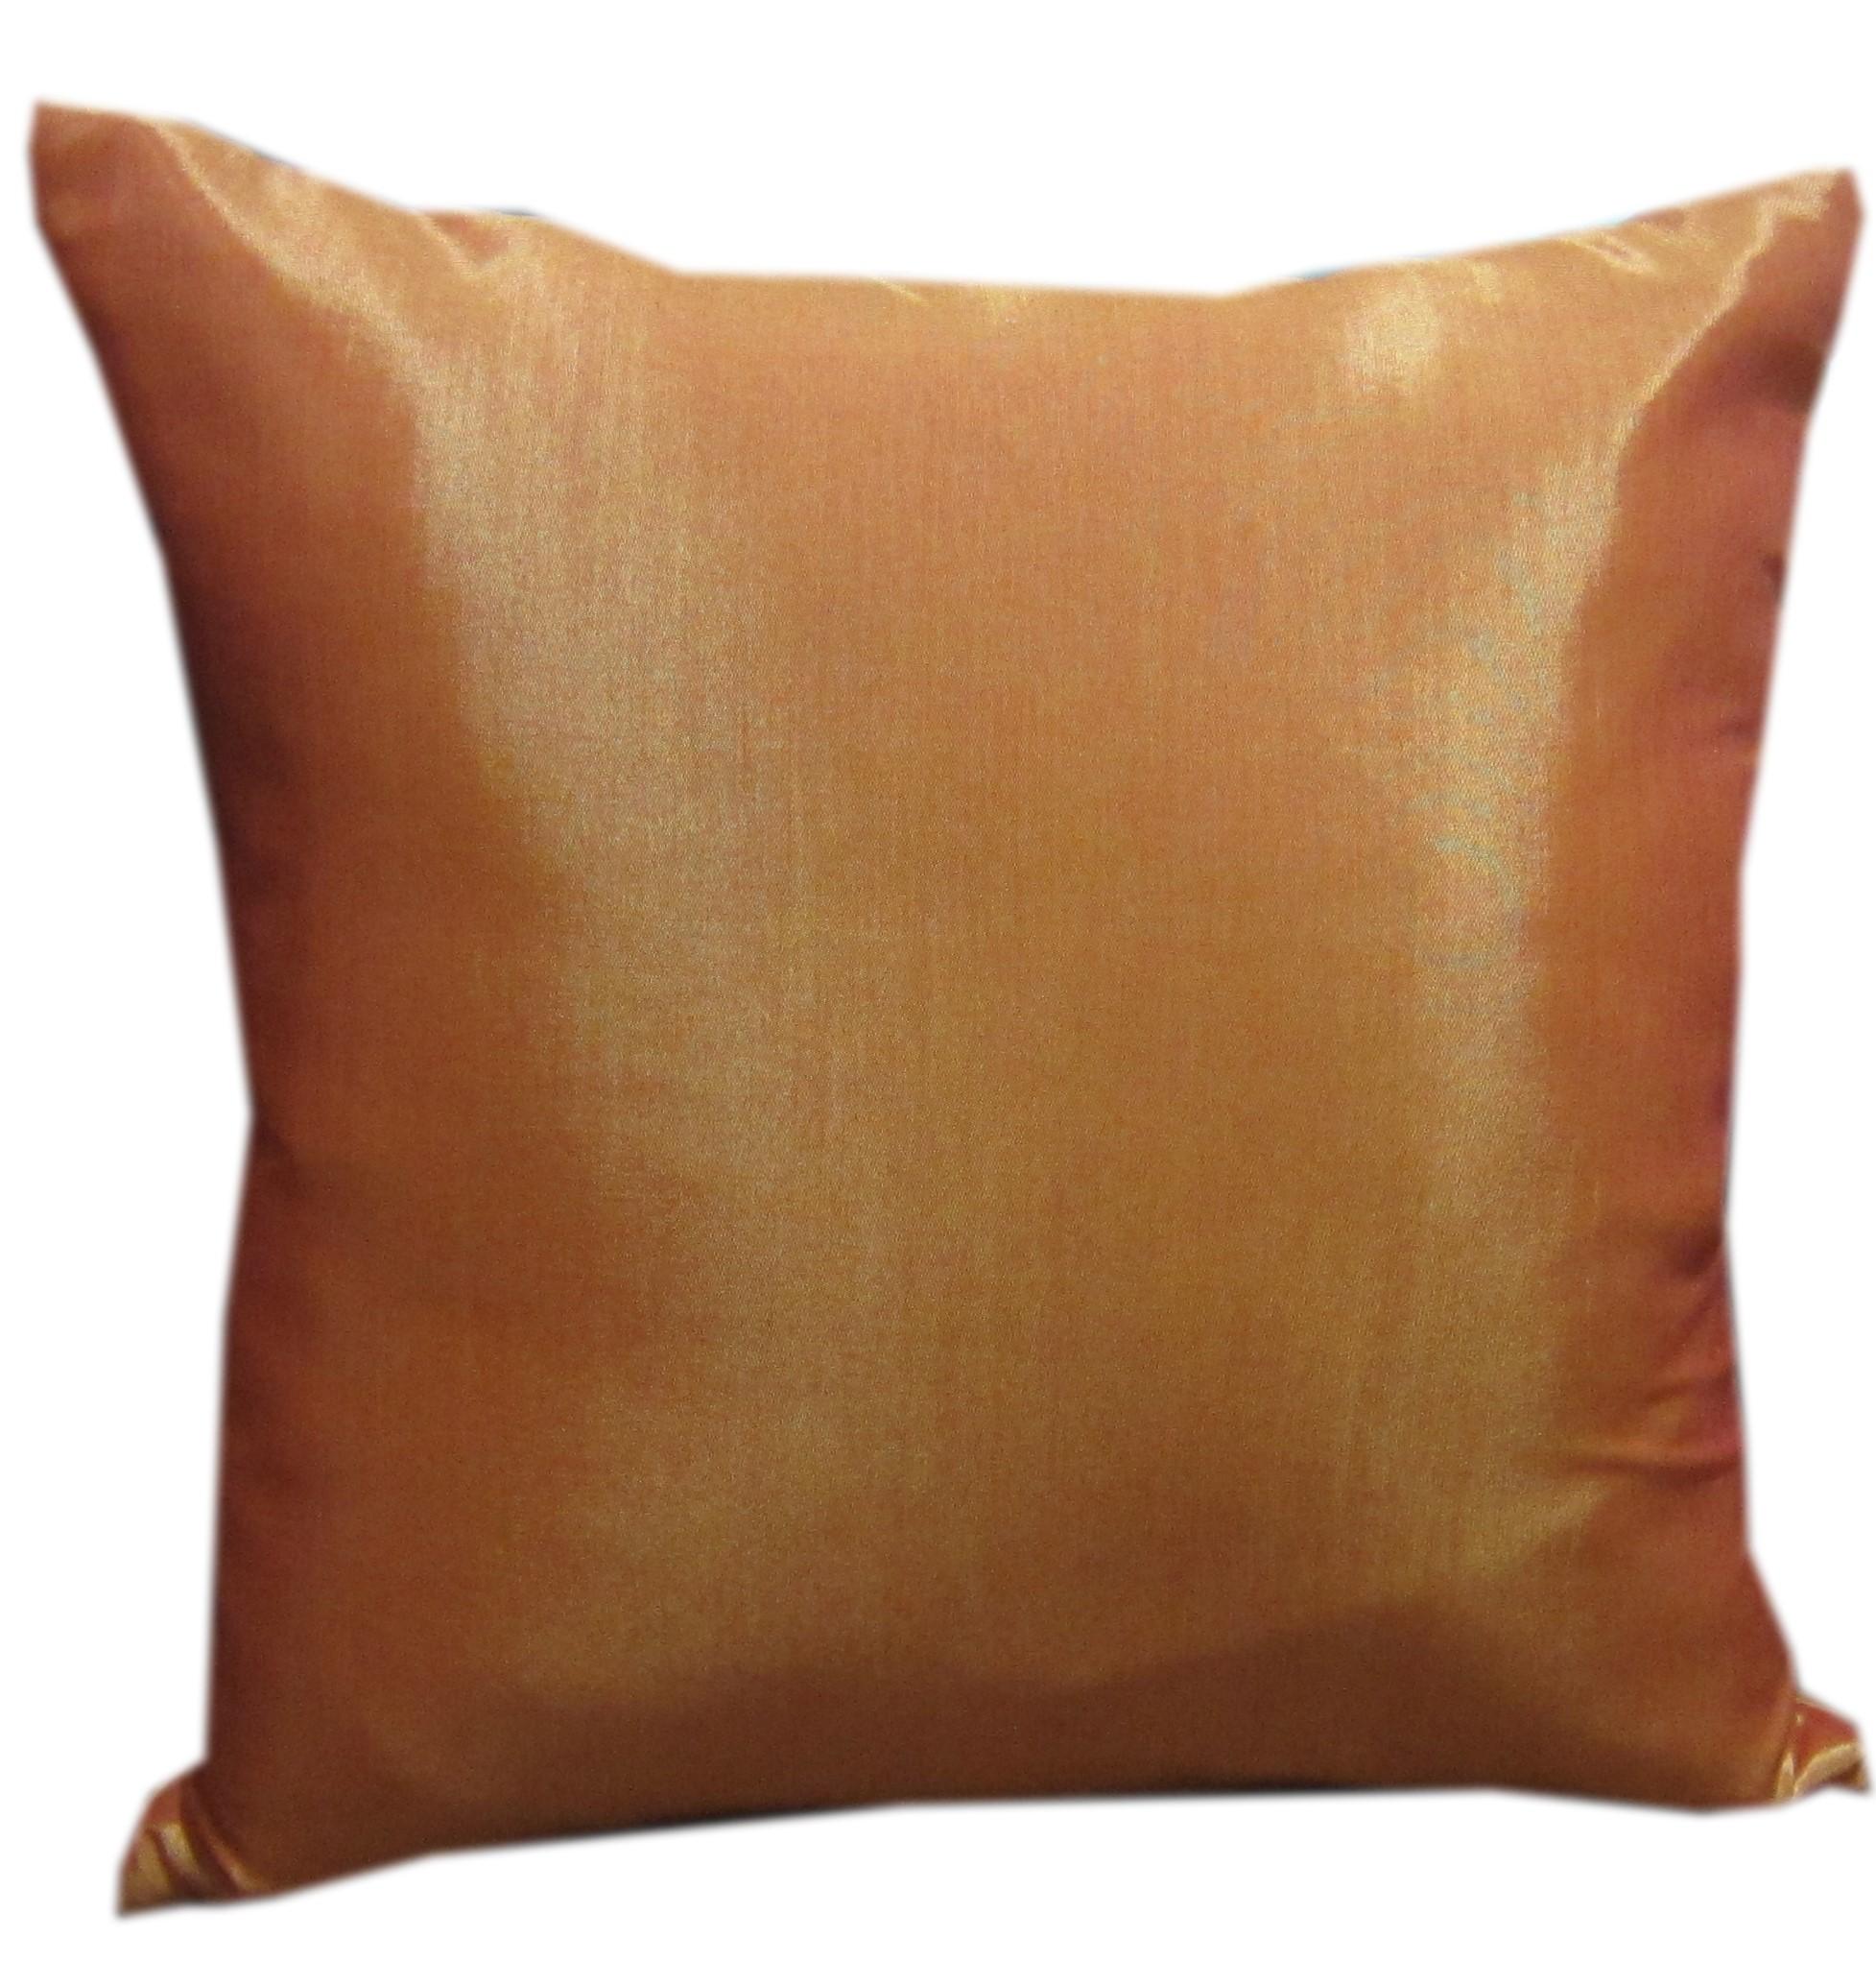 Cushion pillow case_0931